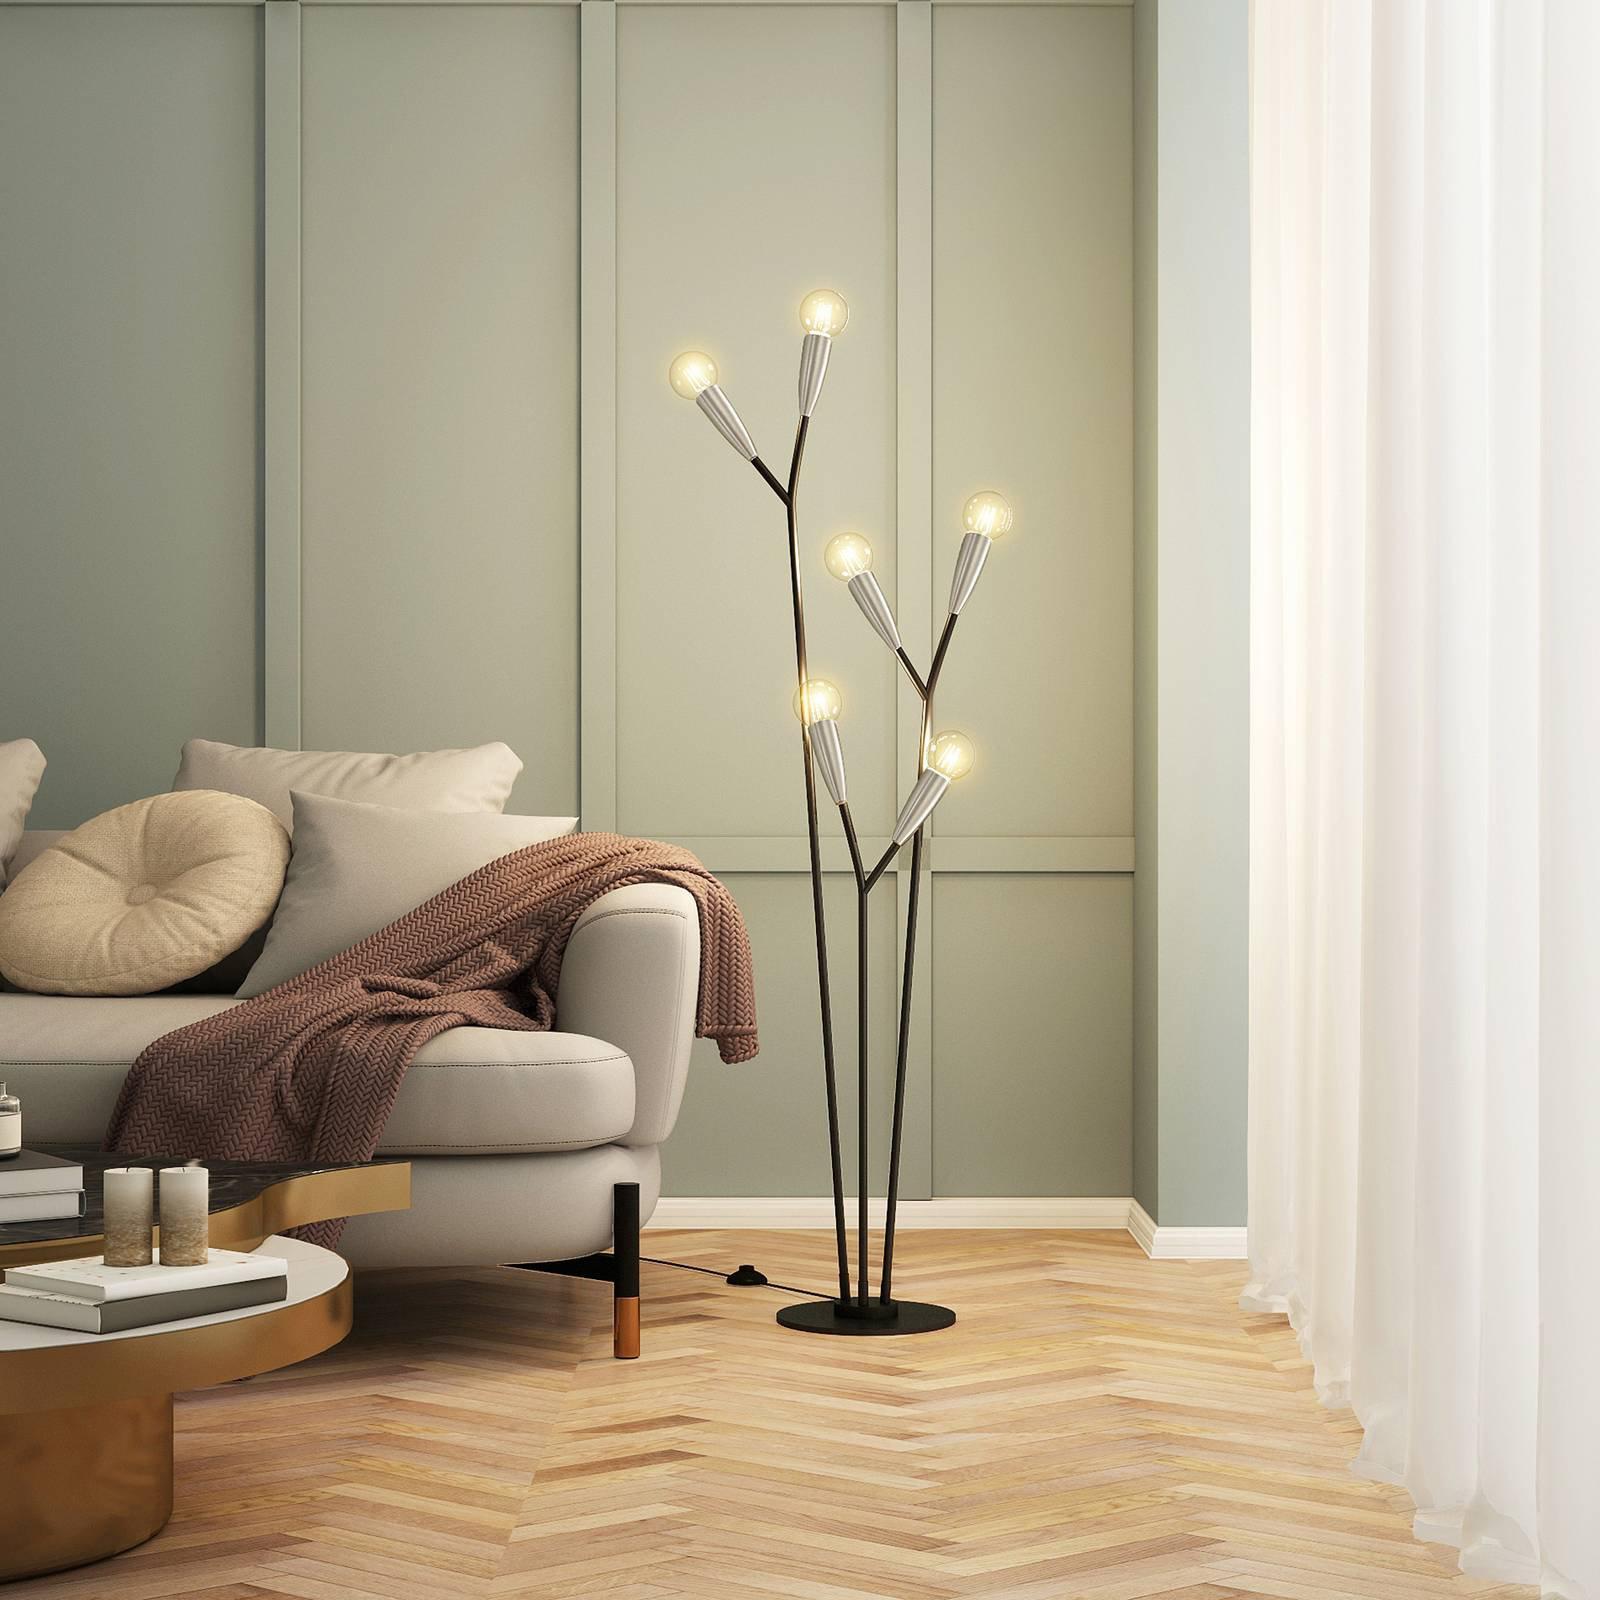 Lucande Carlea gulvlampe, 6 lyskilde, svart nikkel